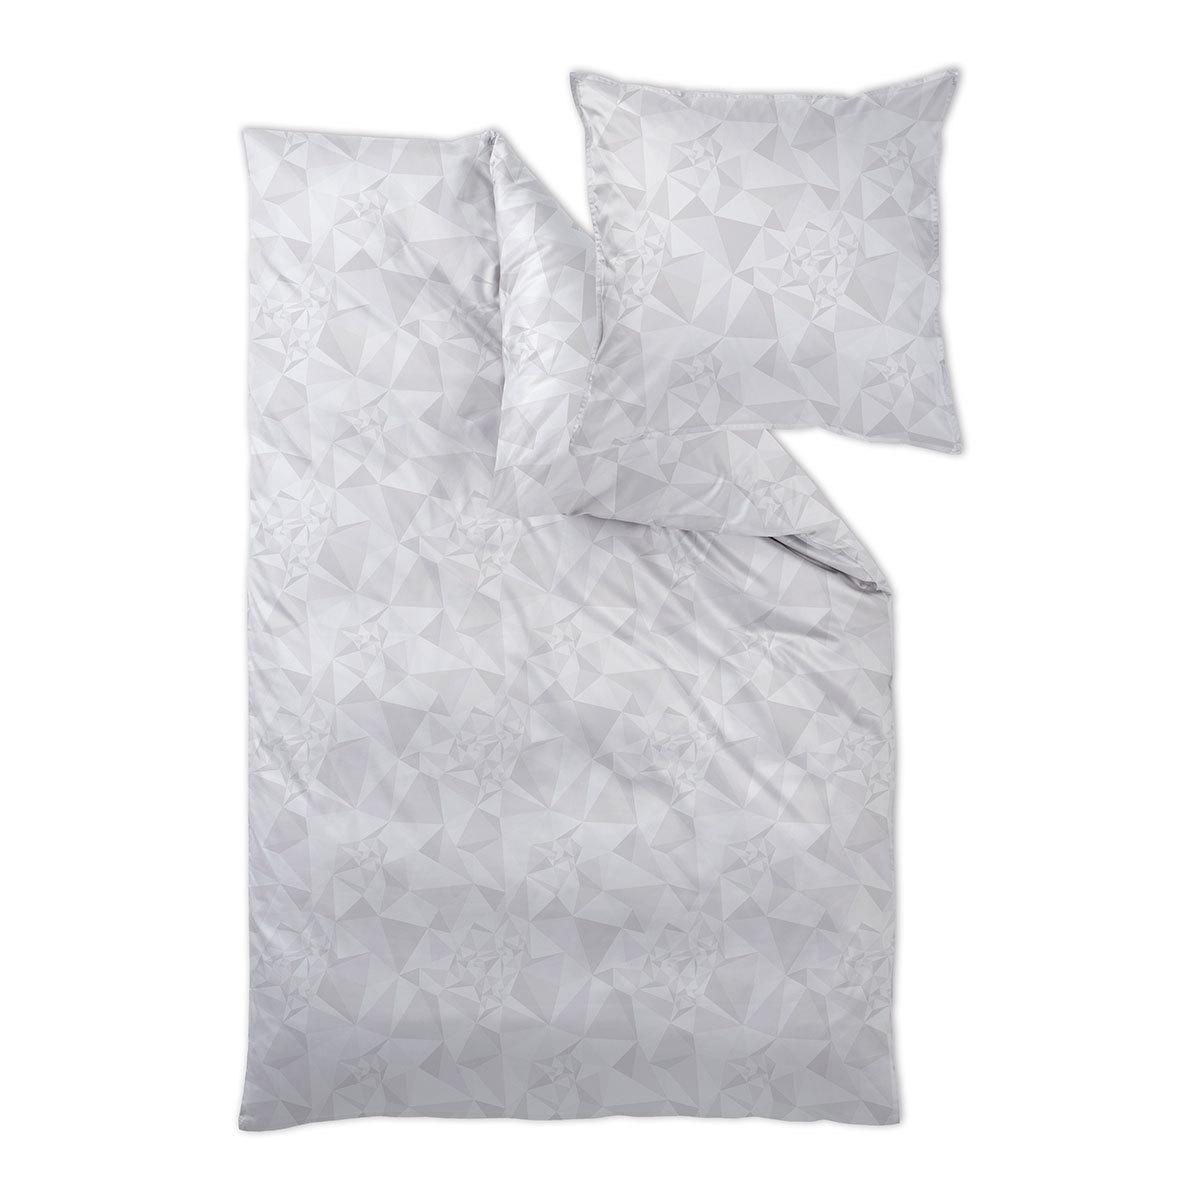 curt bauer mako brokat damast bettw sche tara traube g nstig online kaufen bei bettwaren shop. Black Bedroom Furniture Sets. Home Design Ideas